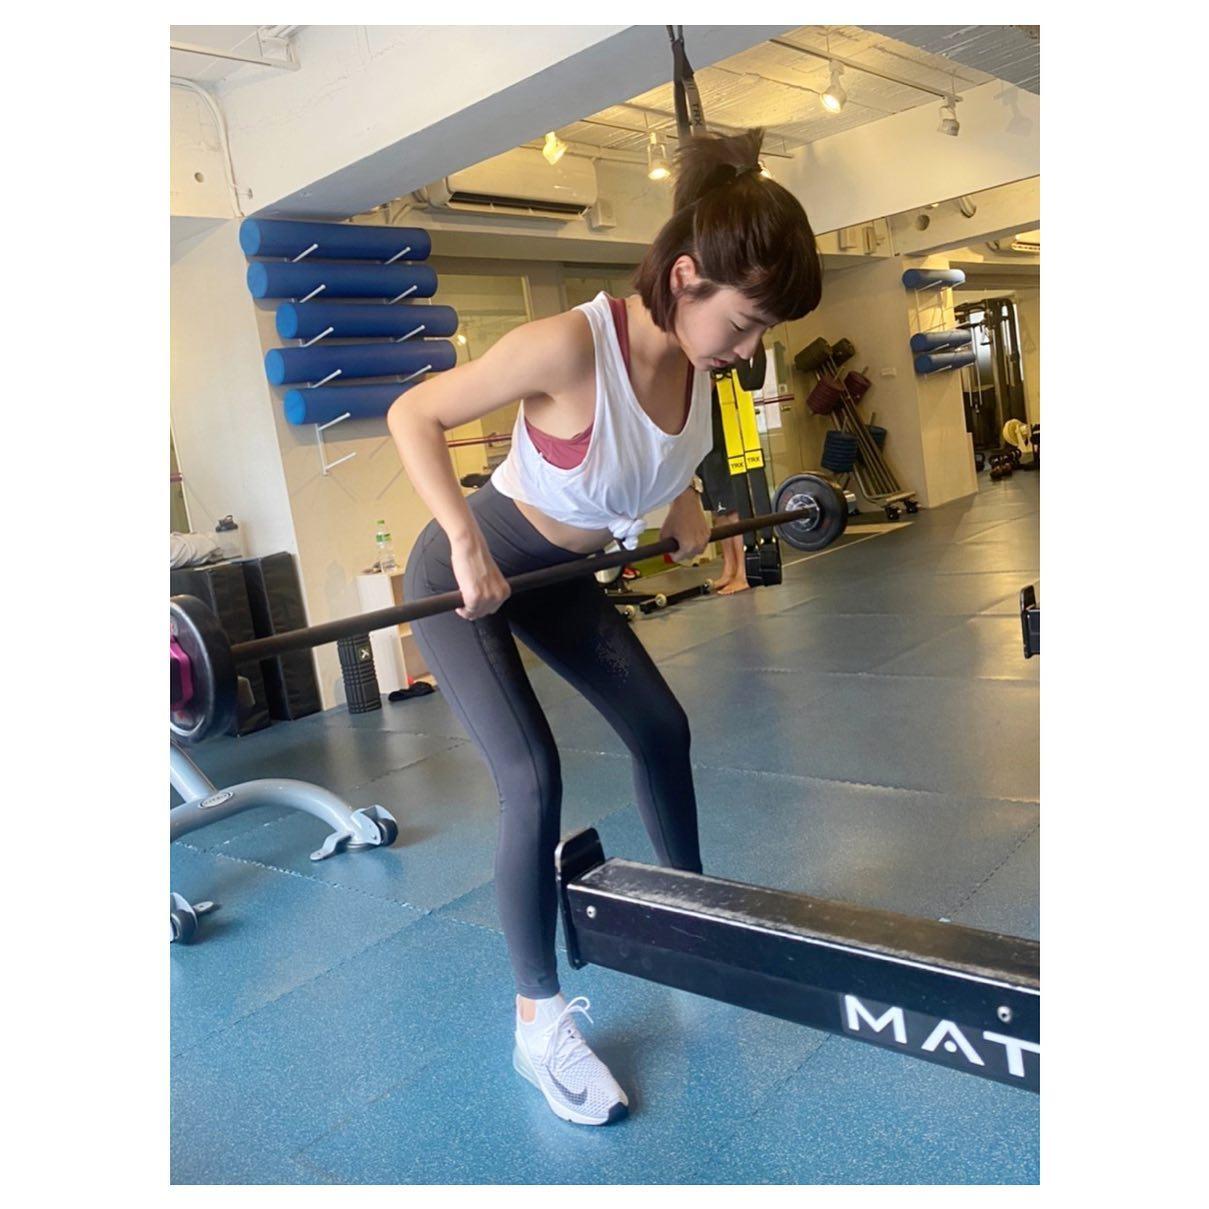 她因此開始運動健身,練出現在的魔鬼身材